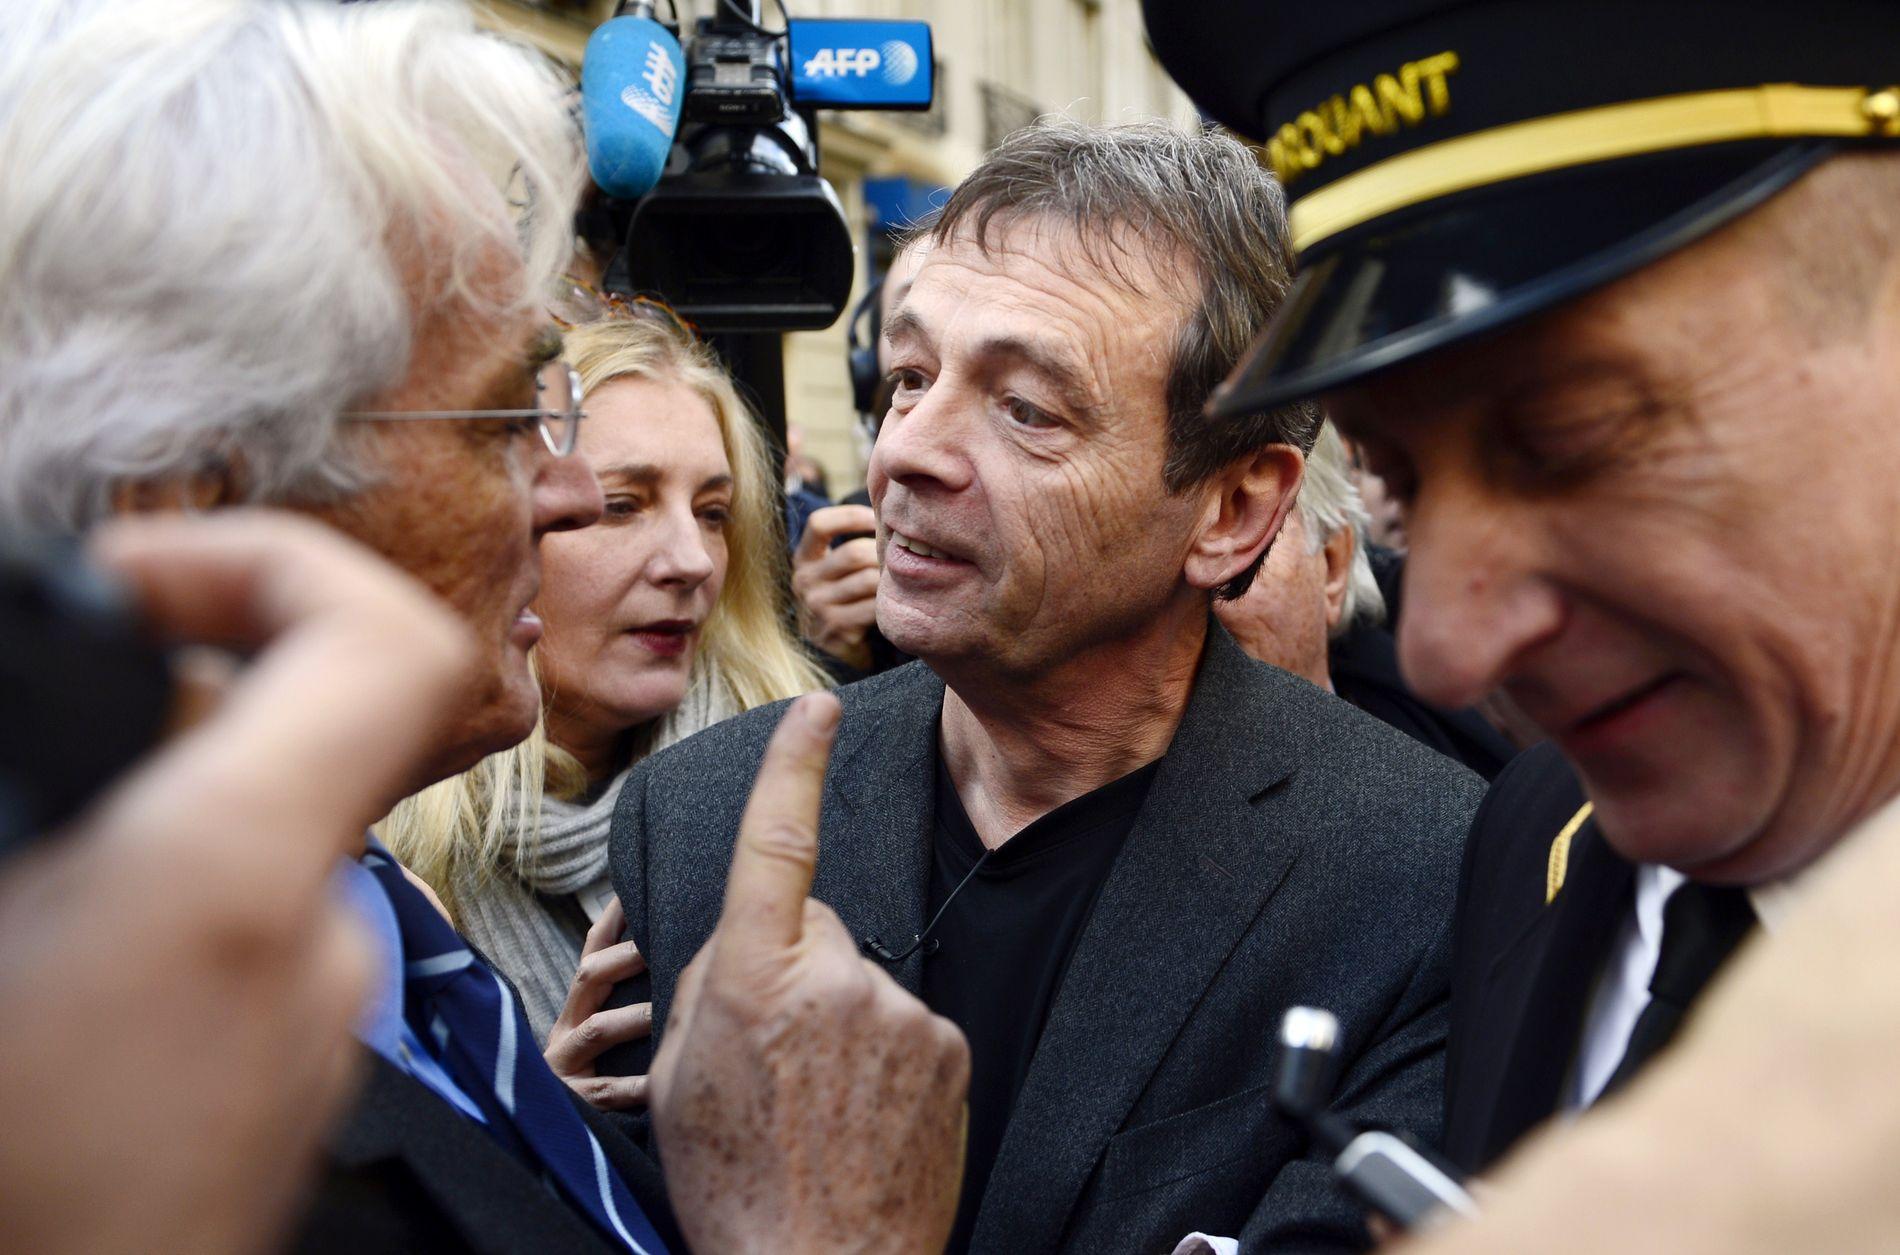 OMSVERMET: Pierre Lemaitre er Frankrikes nye store krimstjerne. Her et arkivbilde fra da han mottok den franske største litteraturprisen i 2013.